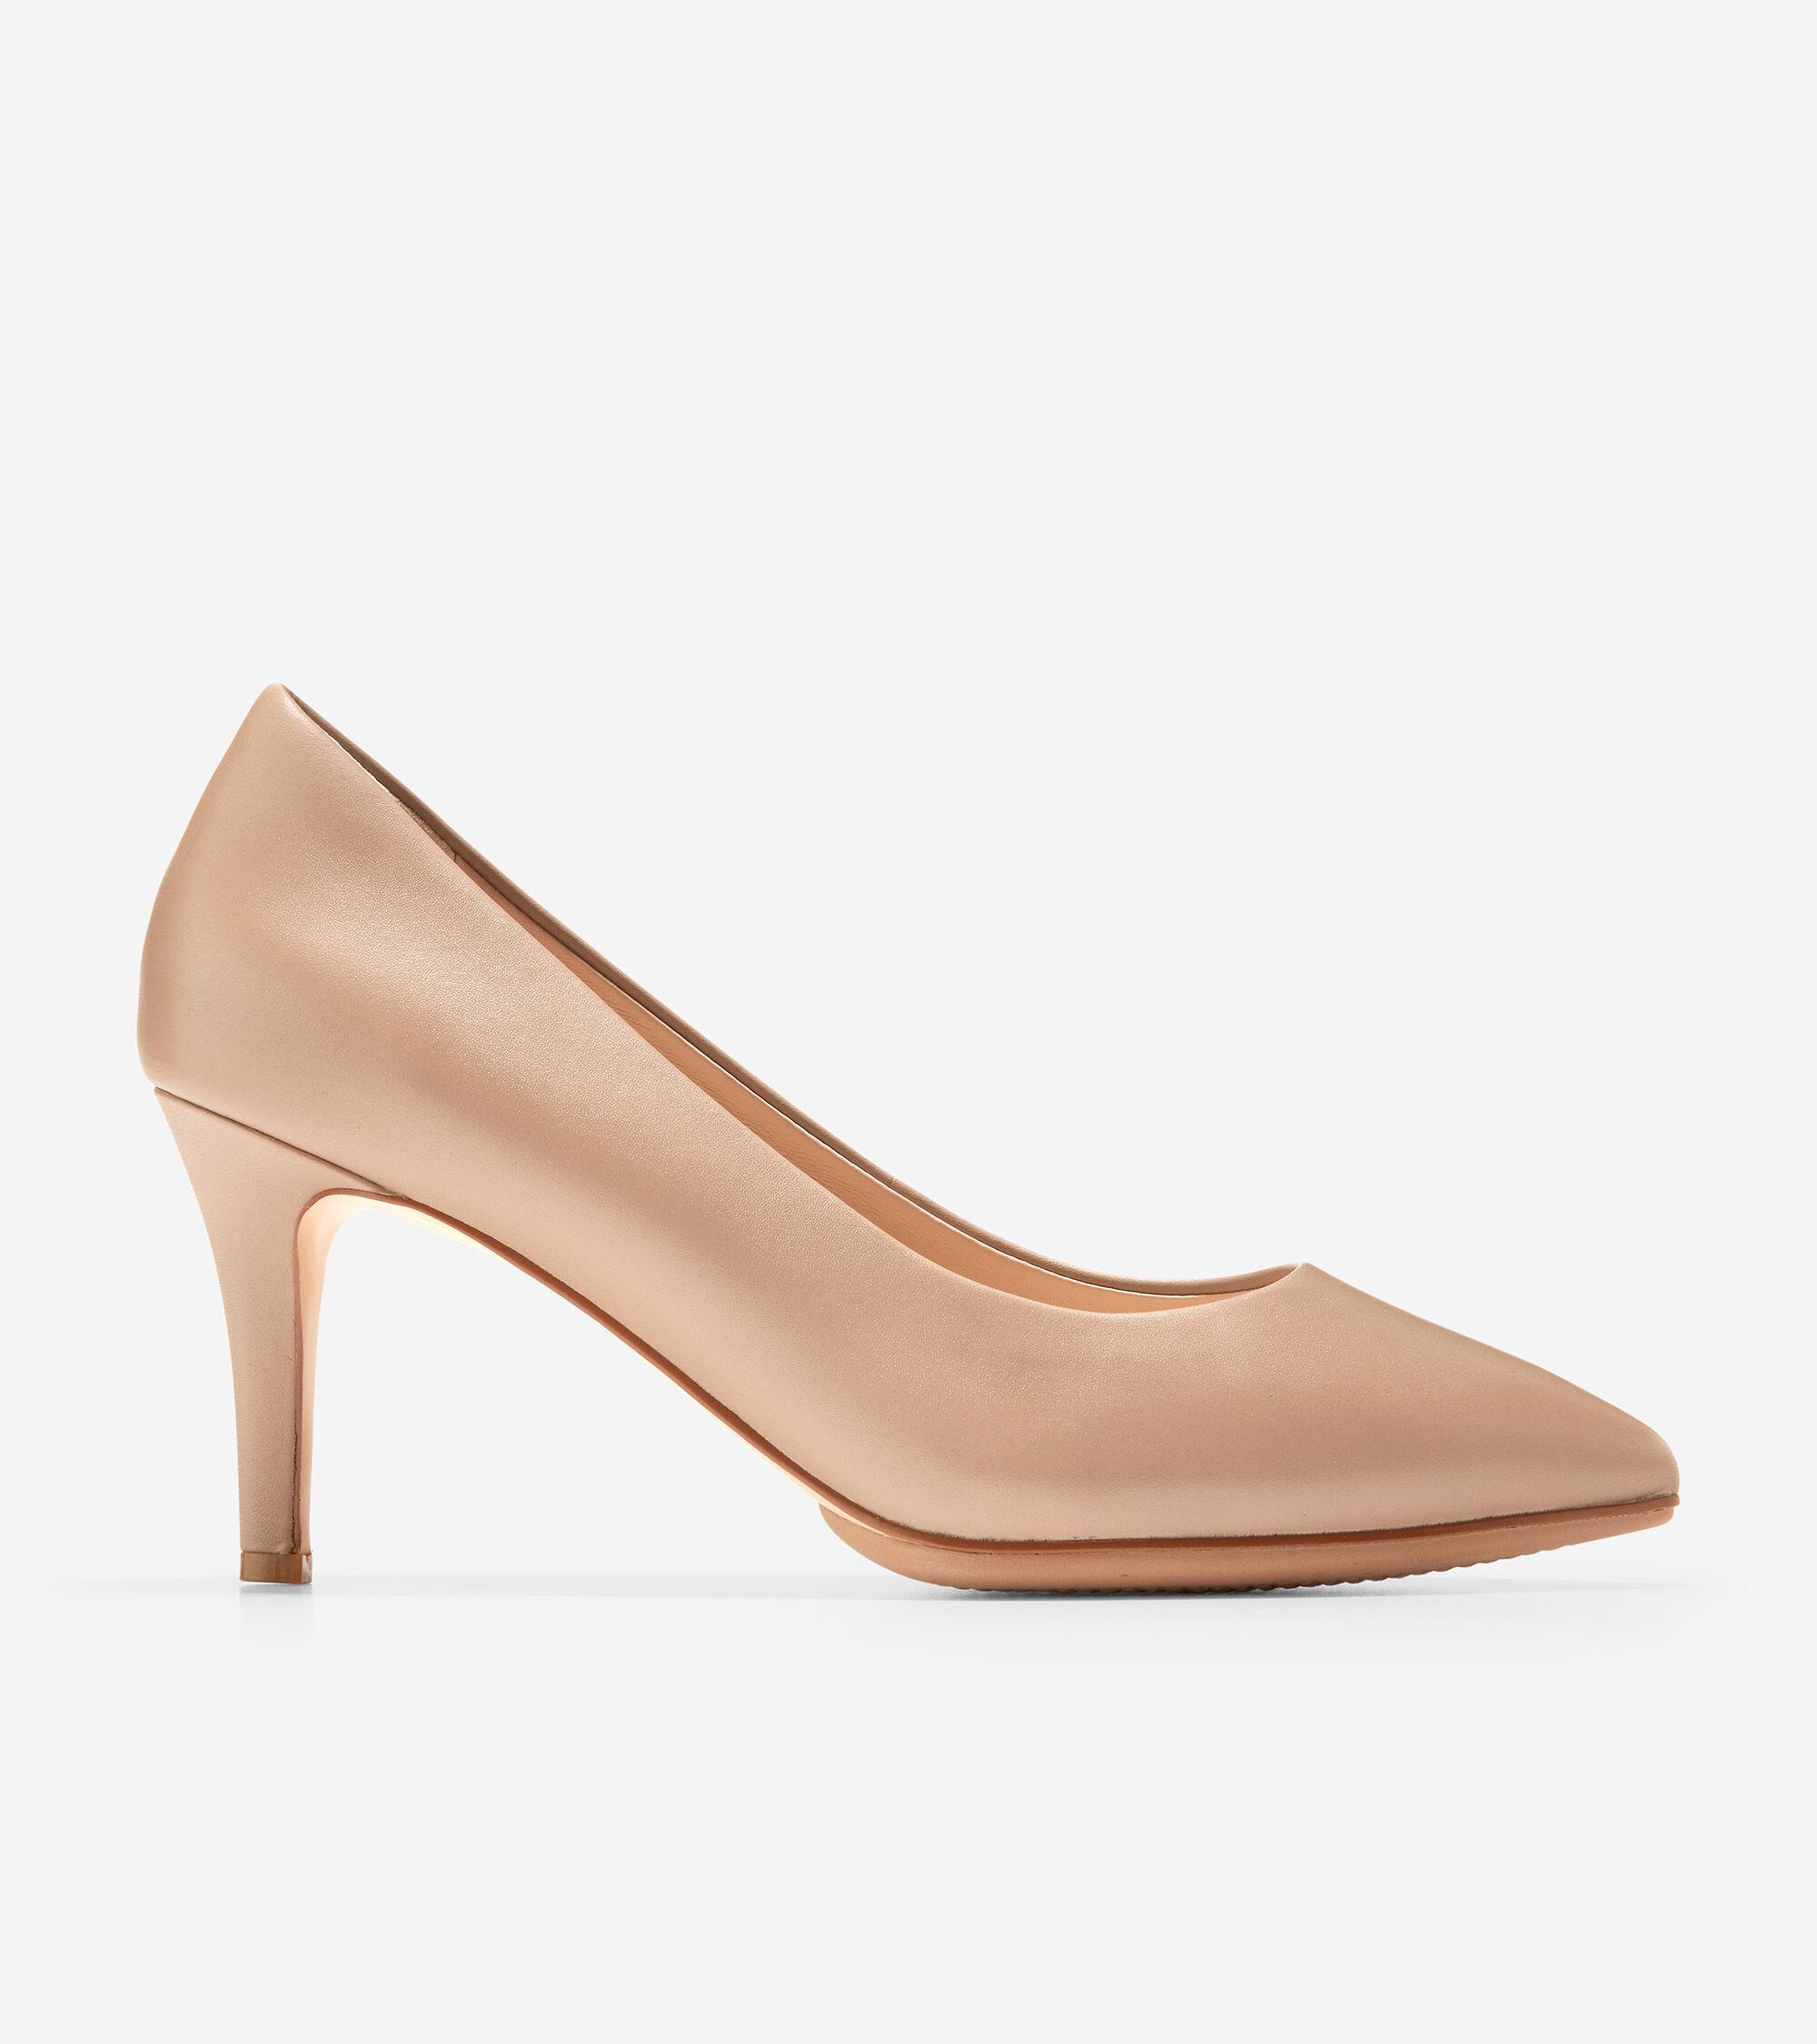 Women's Heels, Pumps \u0026 Wedges | Cole Haan